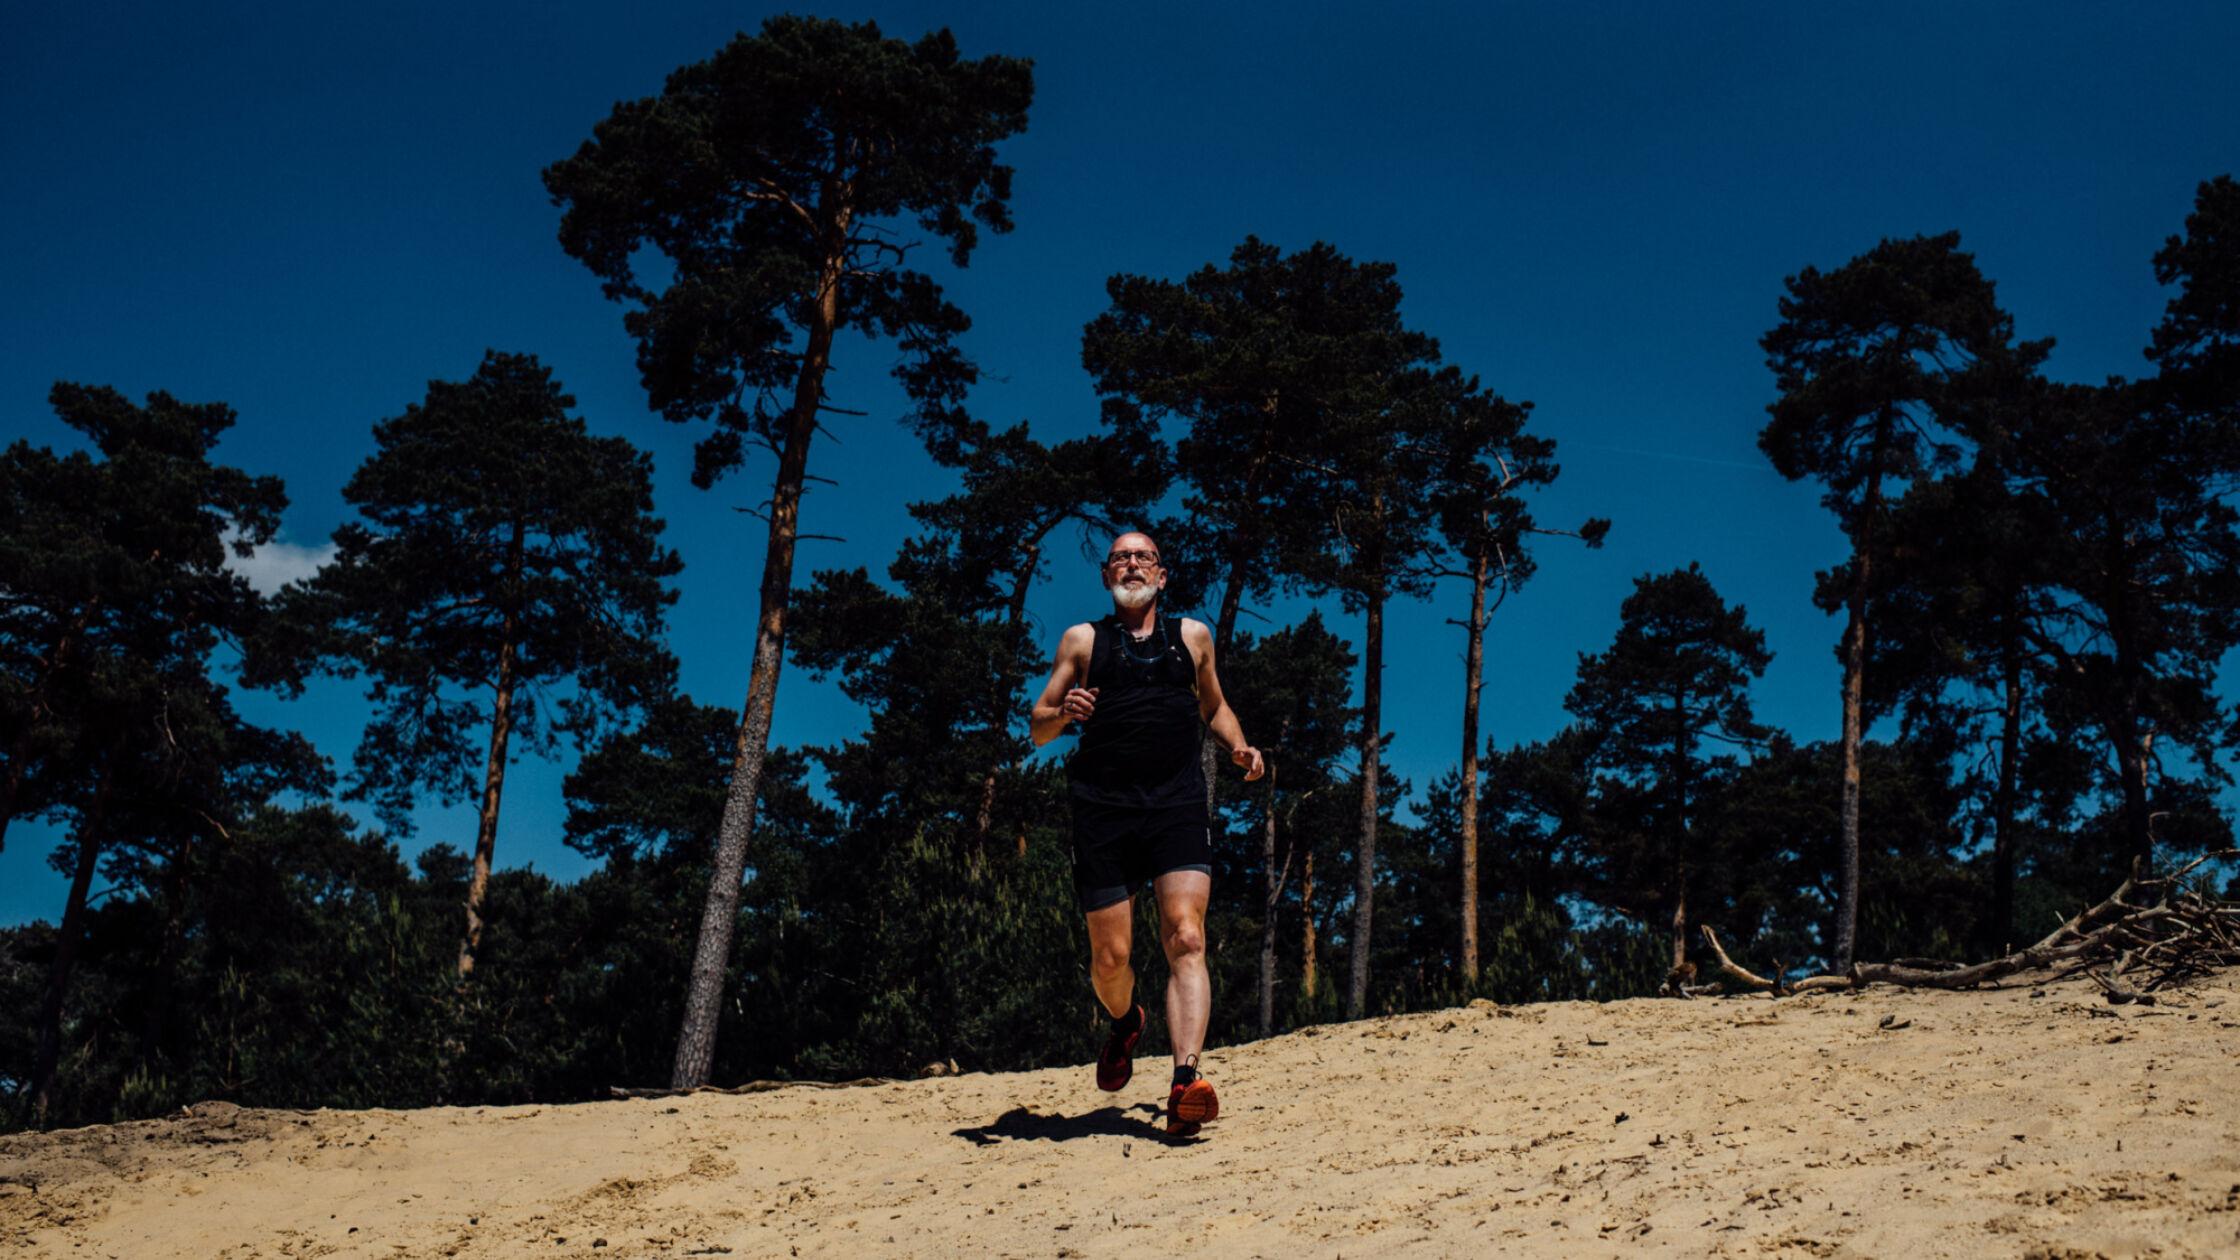 Kiske de Leest rent op één dag 3 keer de Mont Ventoux op voor het goede doel